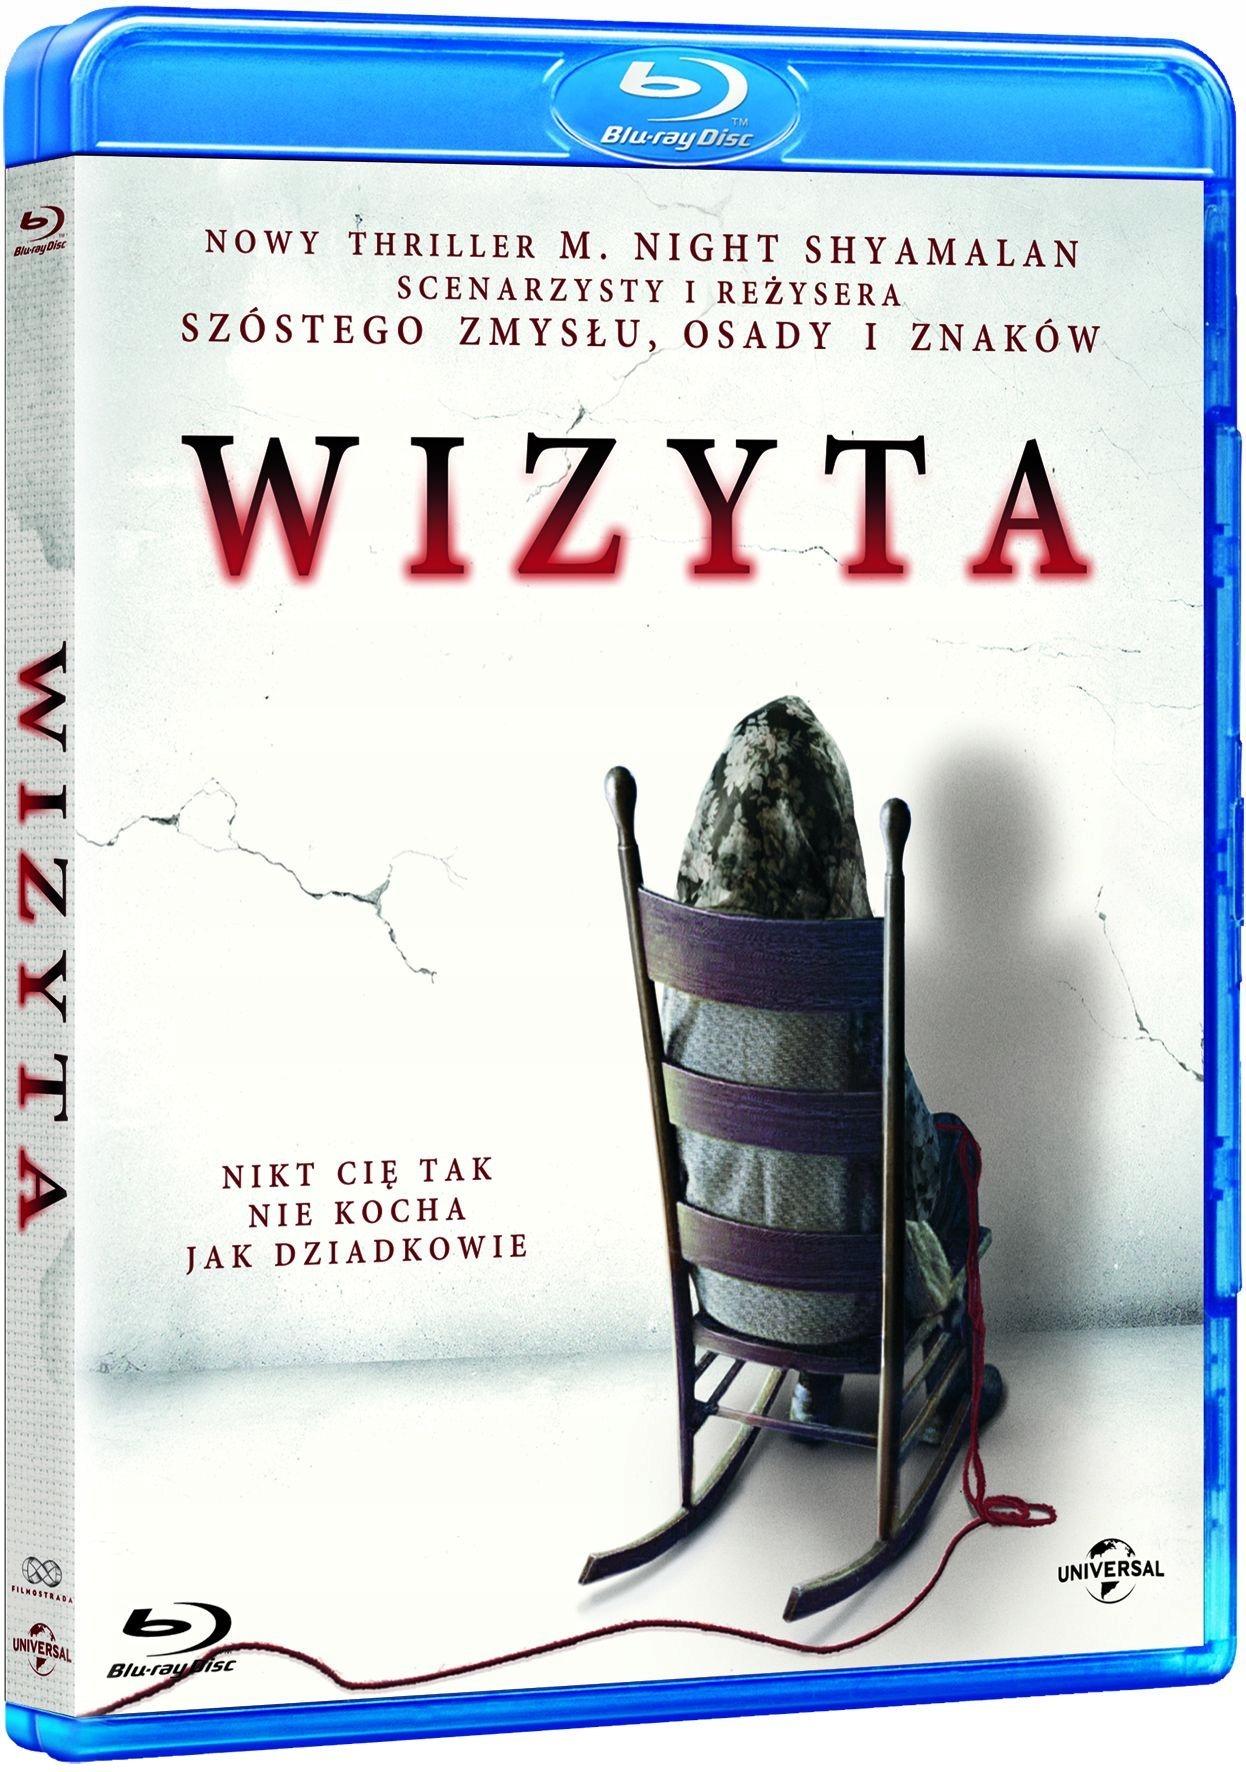 WIZYTA BLU-RAY